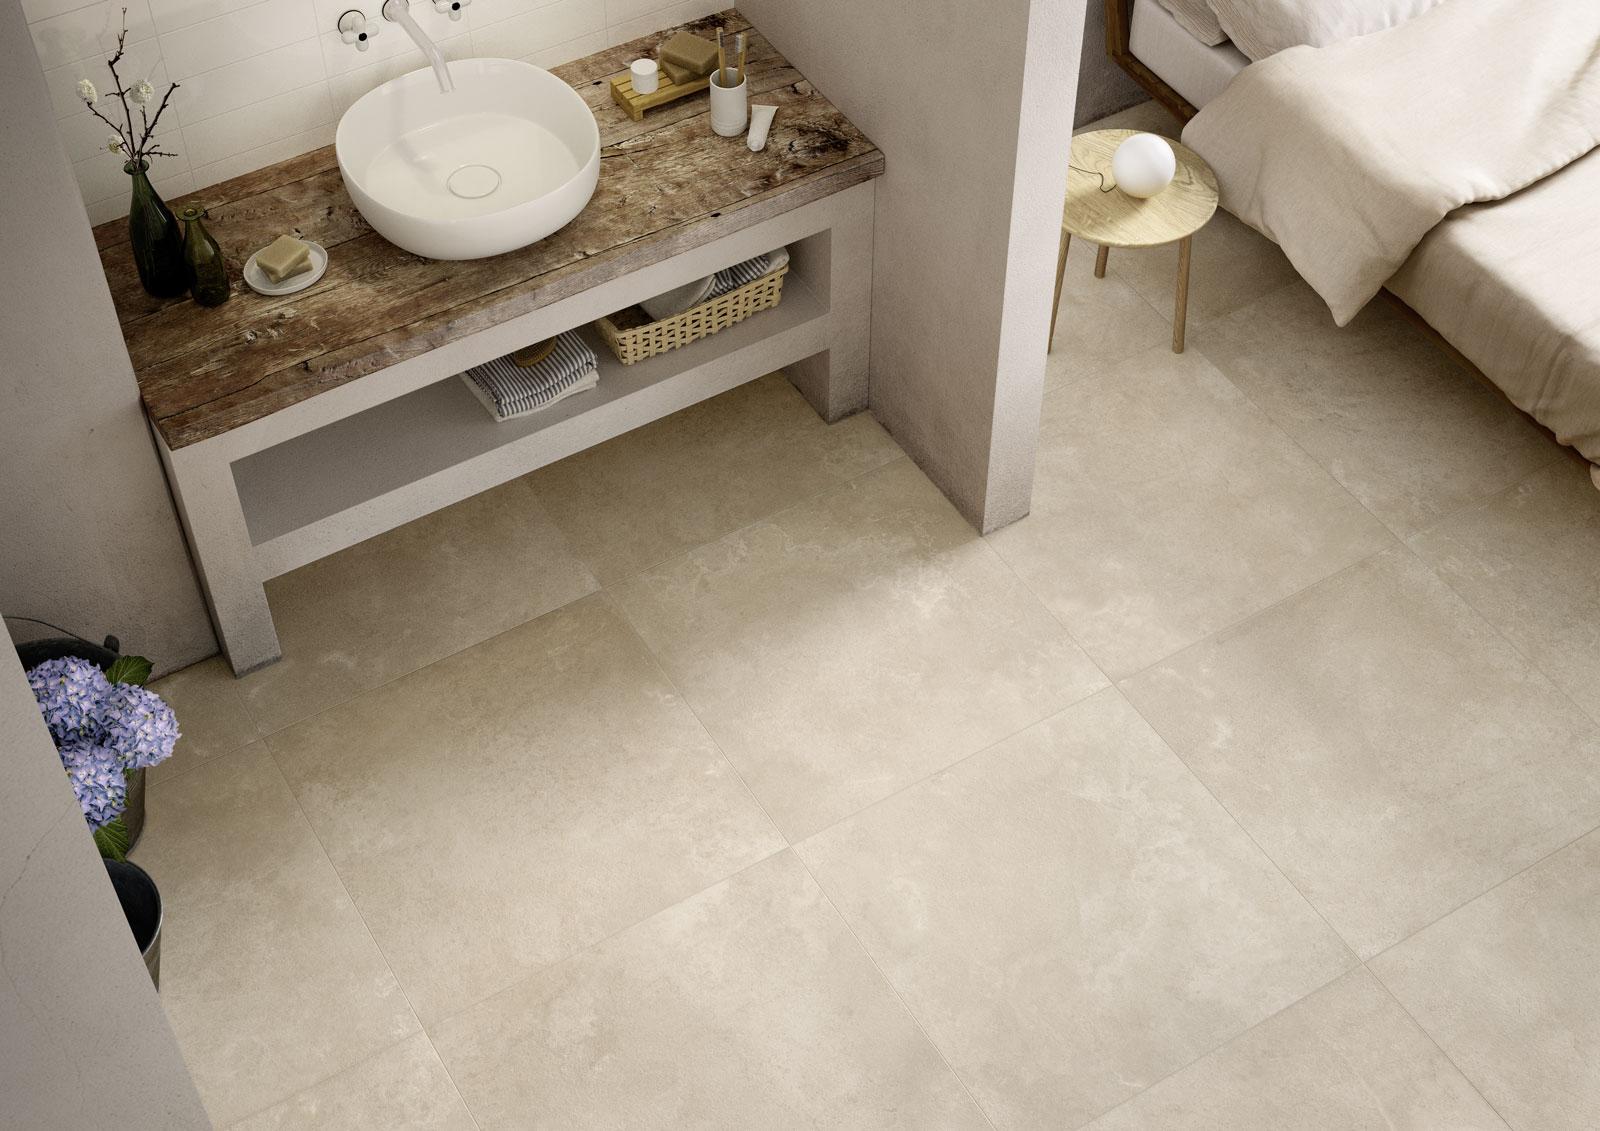 Fliesen wohnzimmer beige ~ brimob.com for .